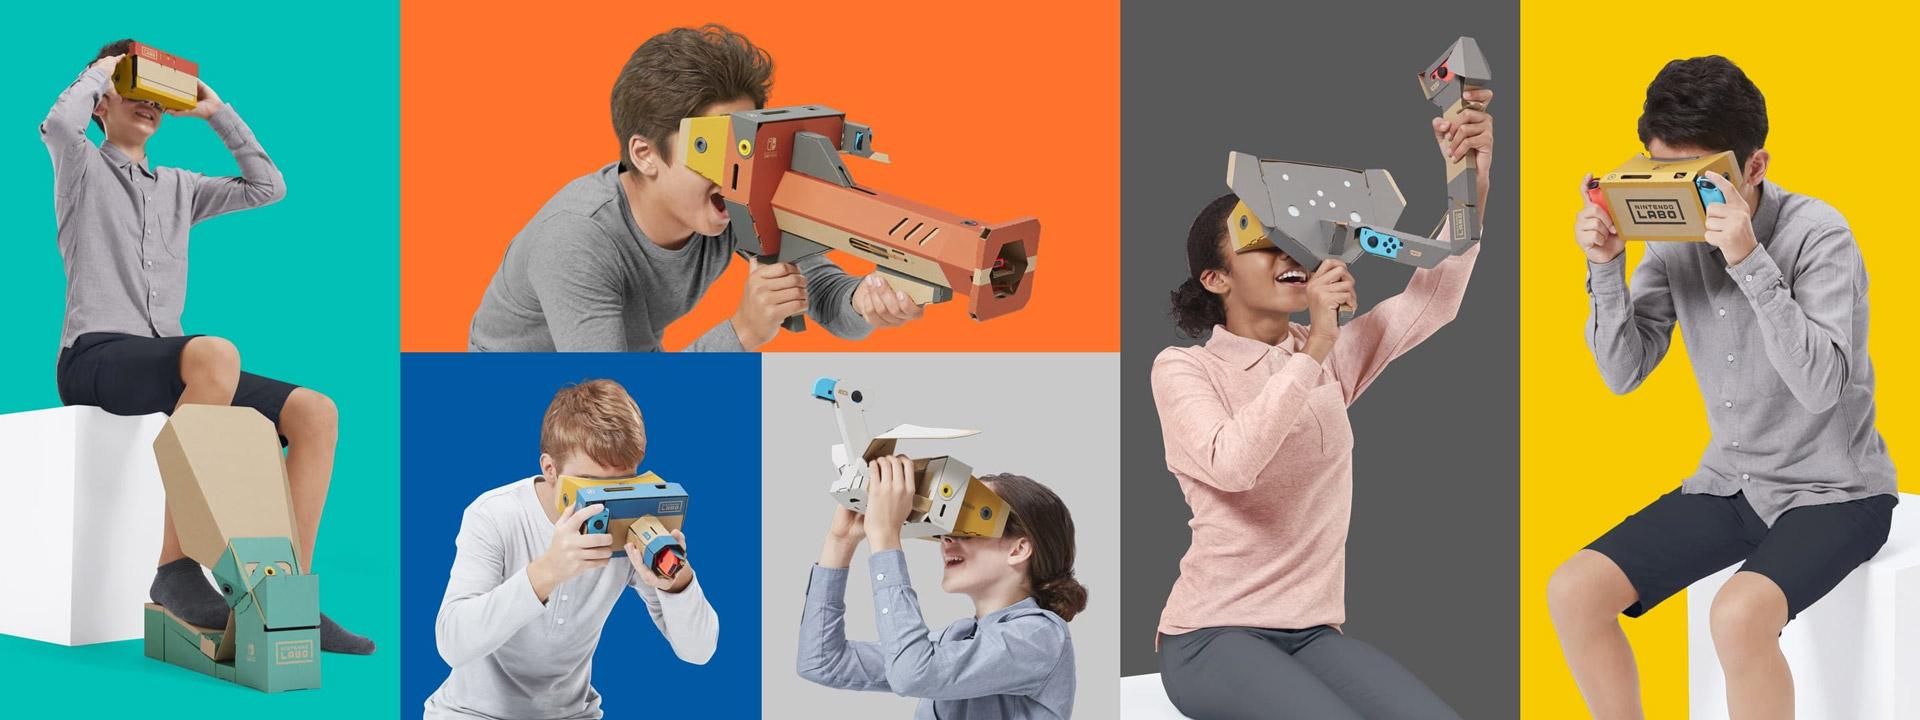 Nintendo Toycon 04 VR Kit